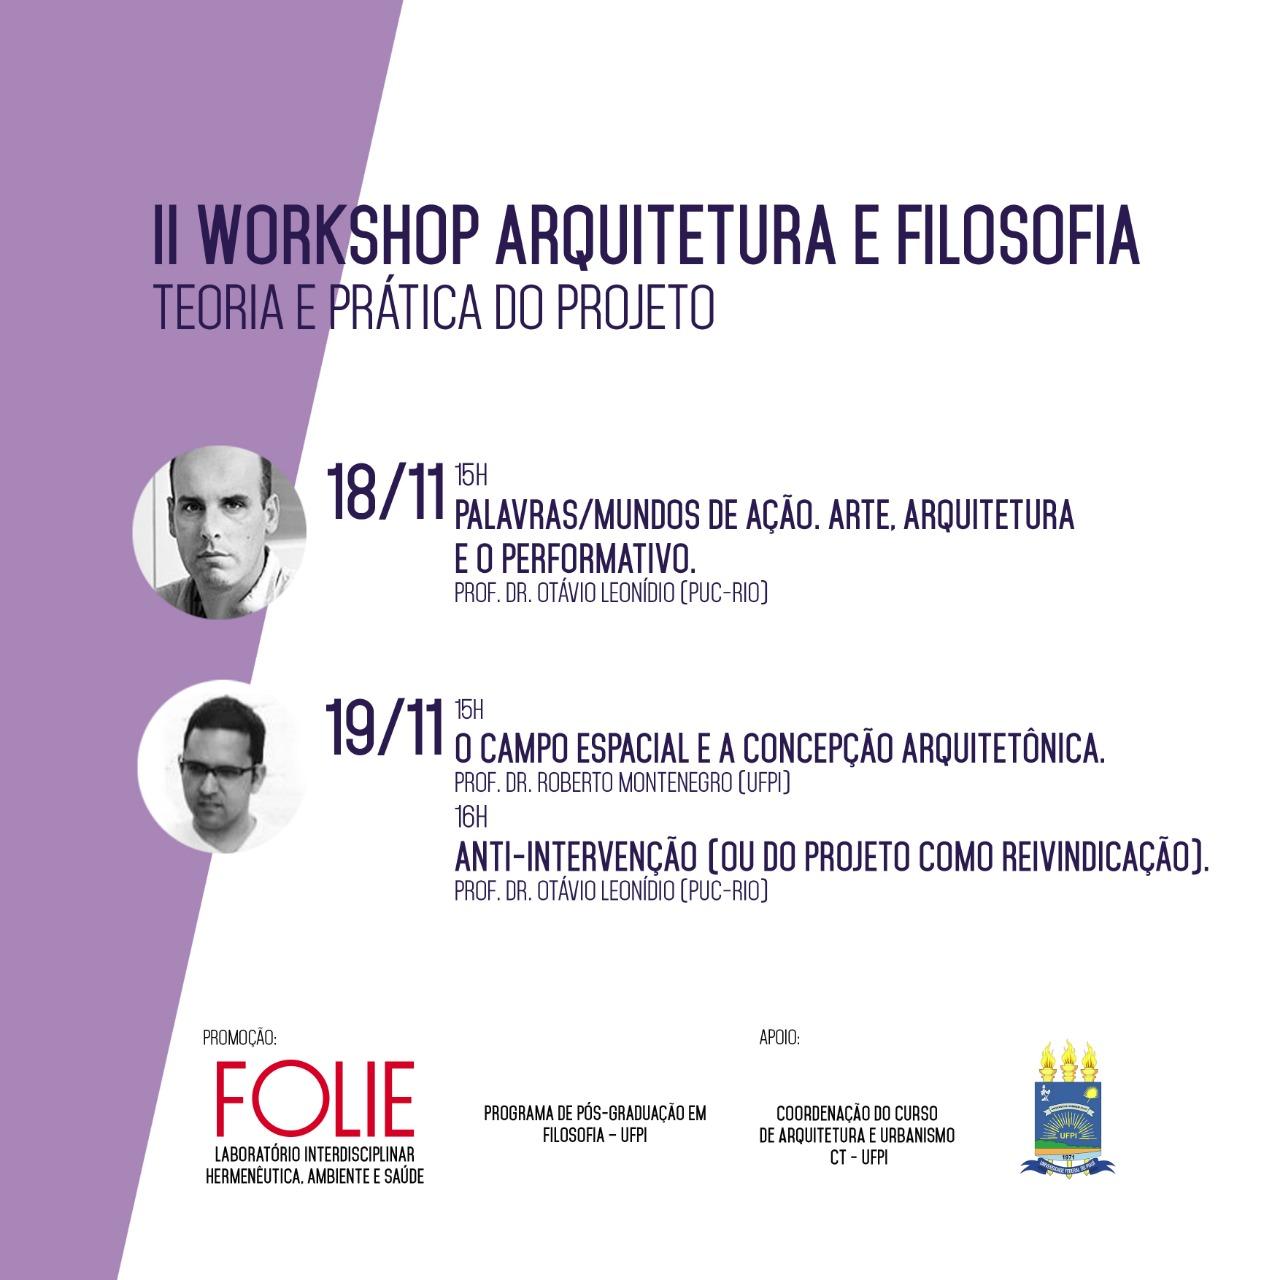 evento arquitetura e filosofia 220191029094129